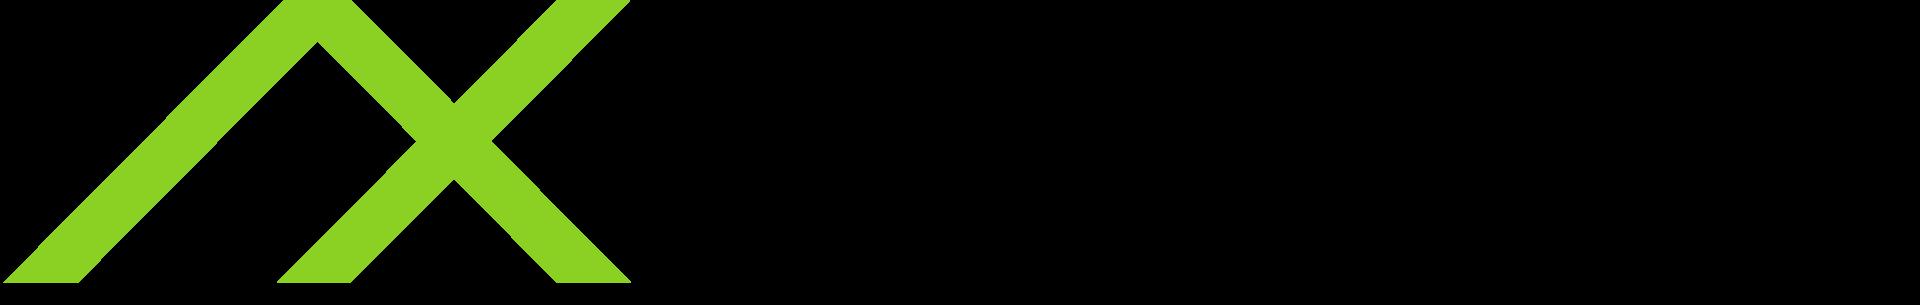 axiros_vector_green_white_rgb_bc.png